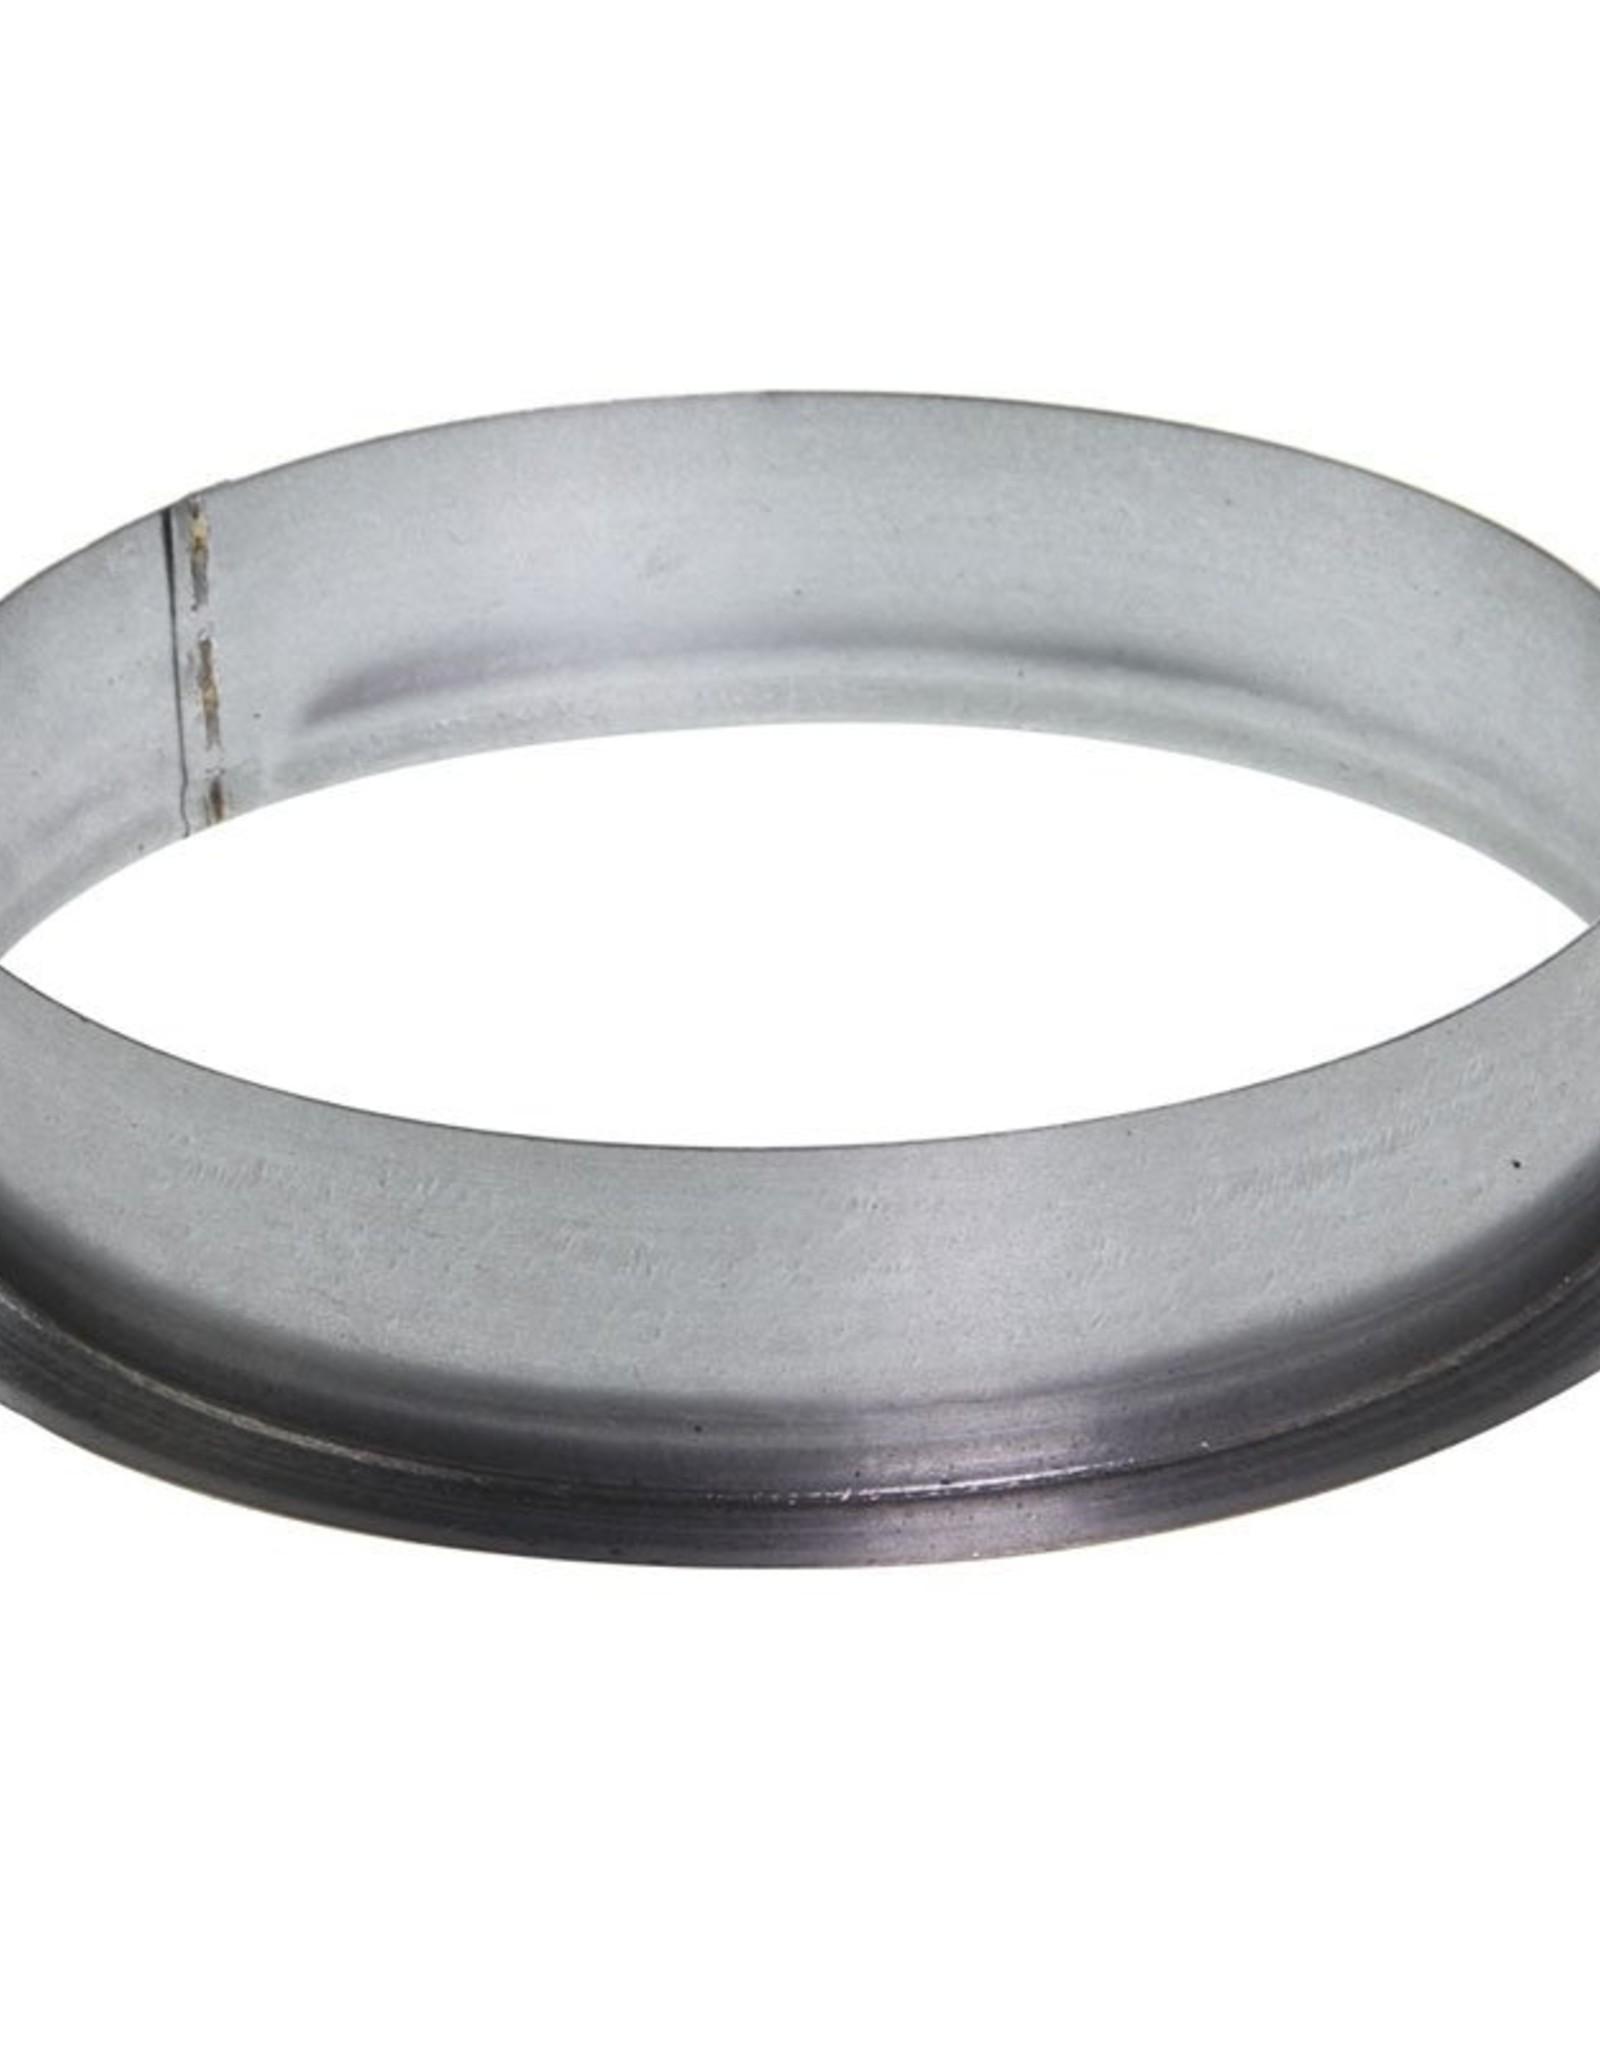 Wandflansch ø125mm Metall